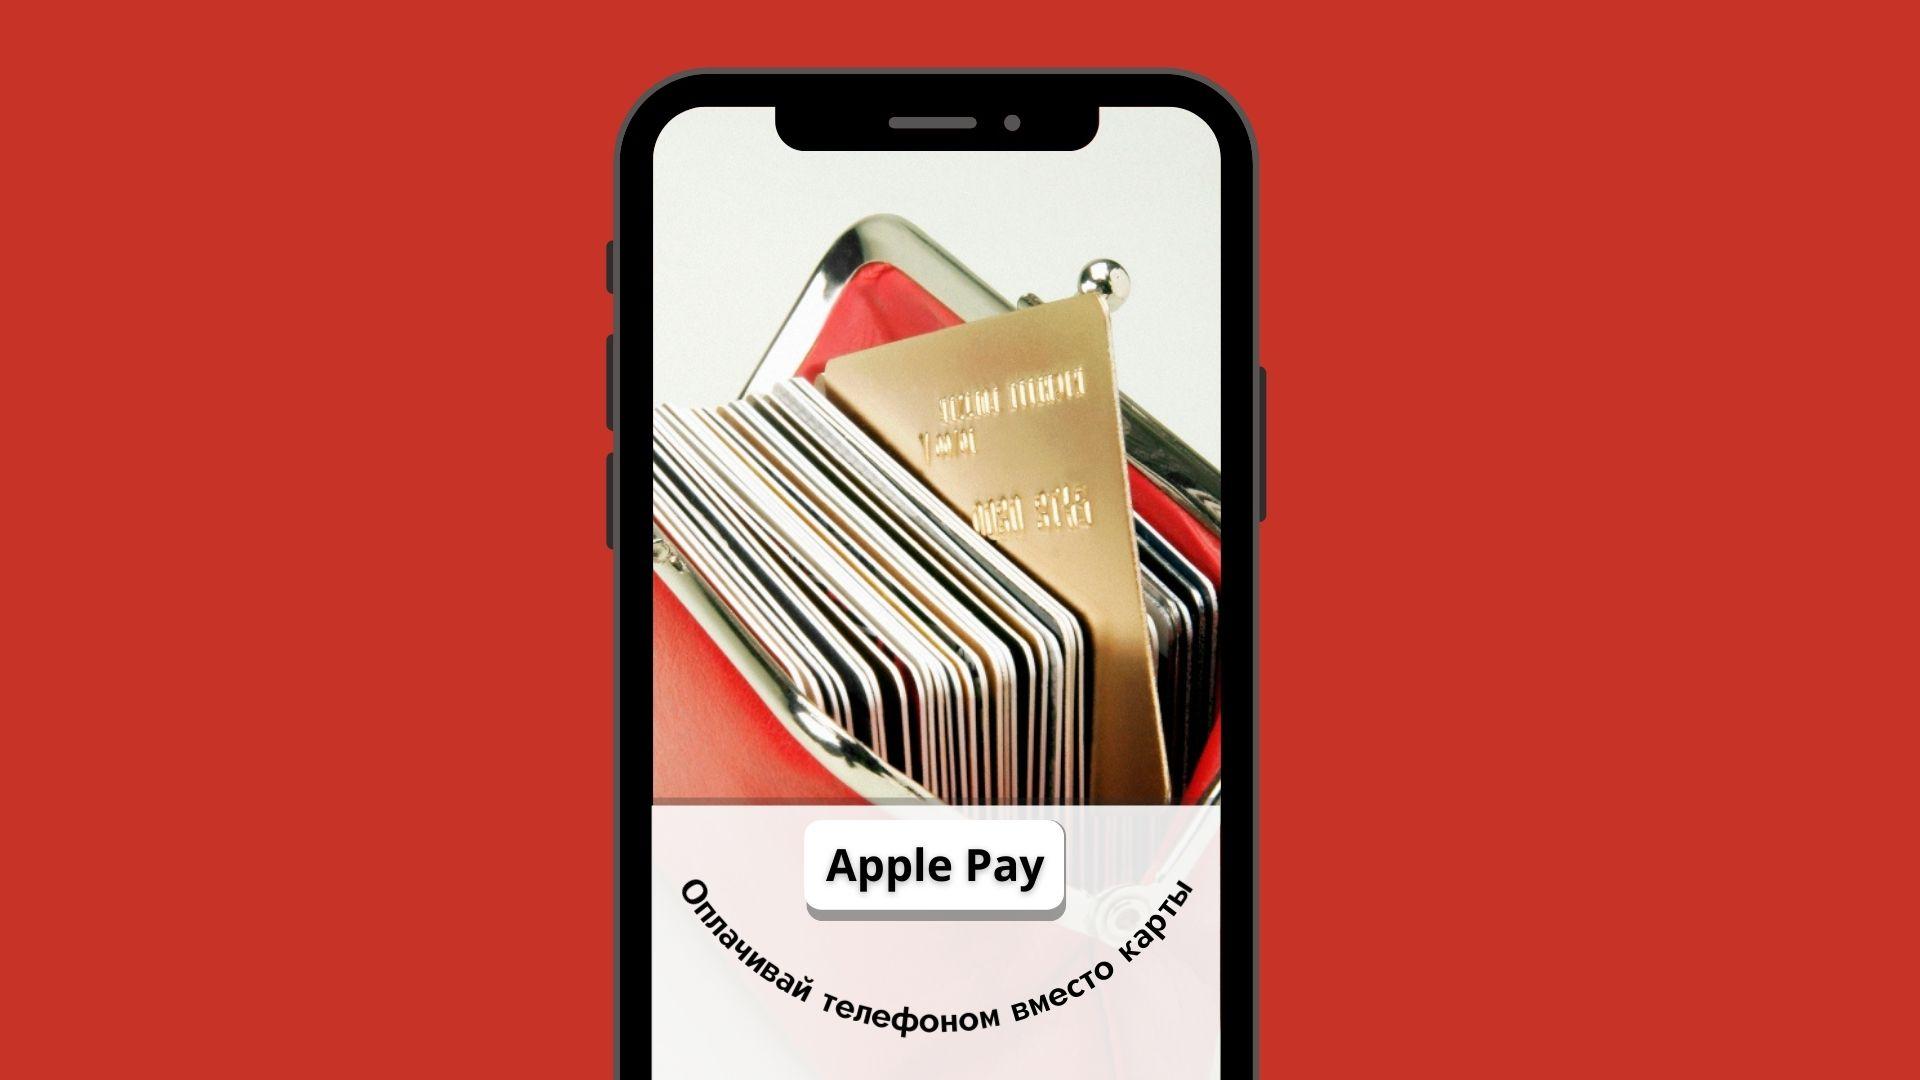 как привязать карту к телефону чтобы им расплачиваться